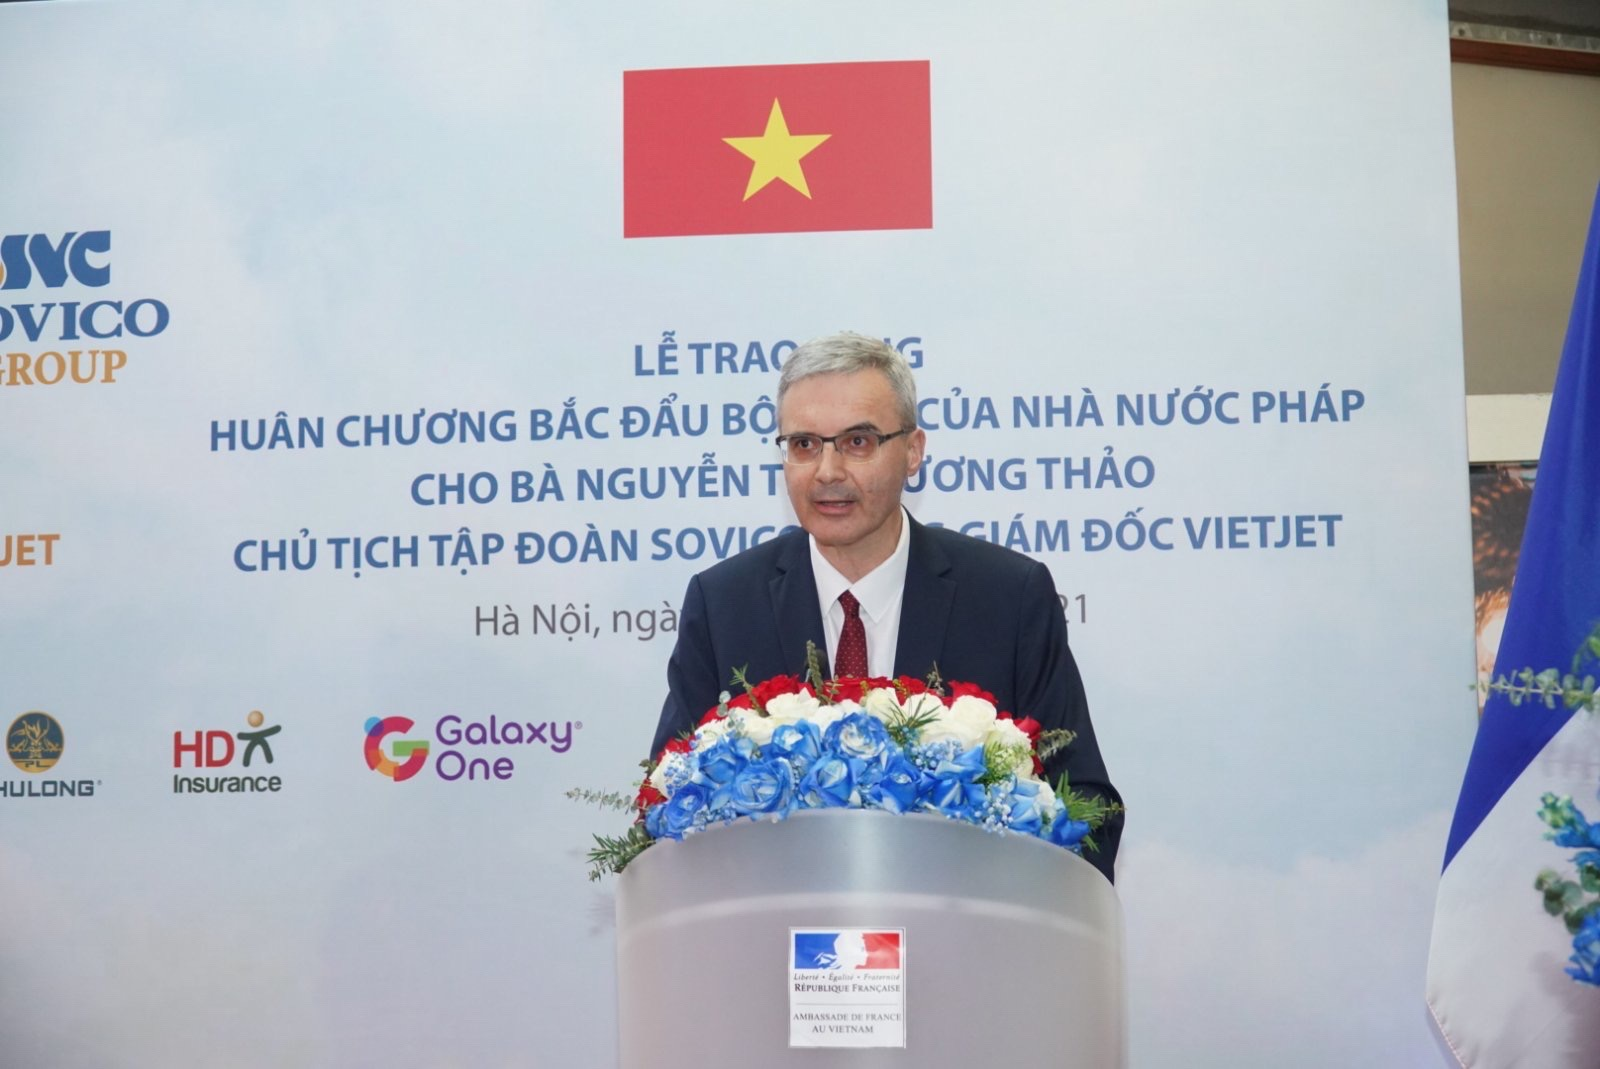 Đại sứ Cộng hòa Pháp tại Việt Nam Nicolas Warnery phát biểu tại buổi lễ.